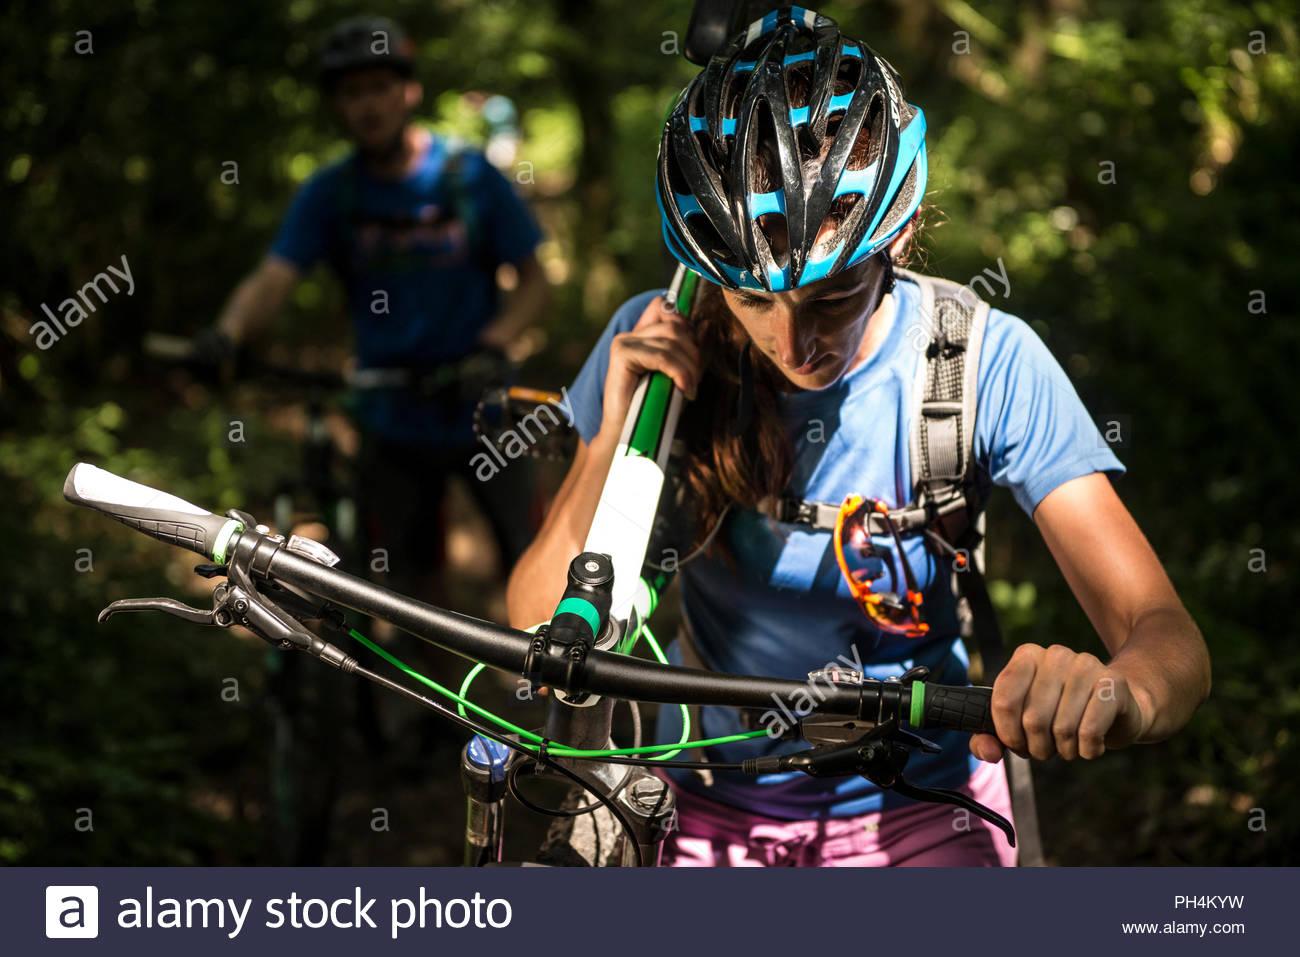 Donna che trasportano mountain bike nella Foresta Immagini Stock